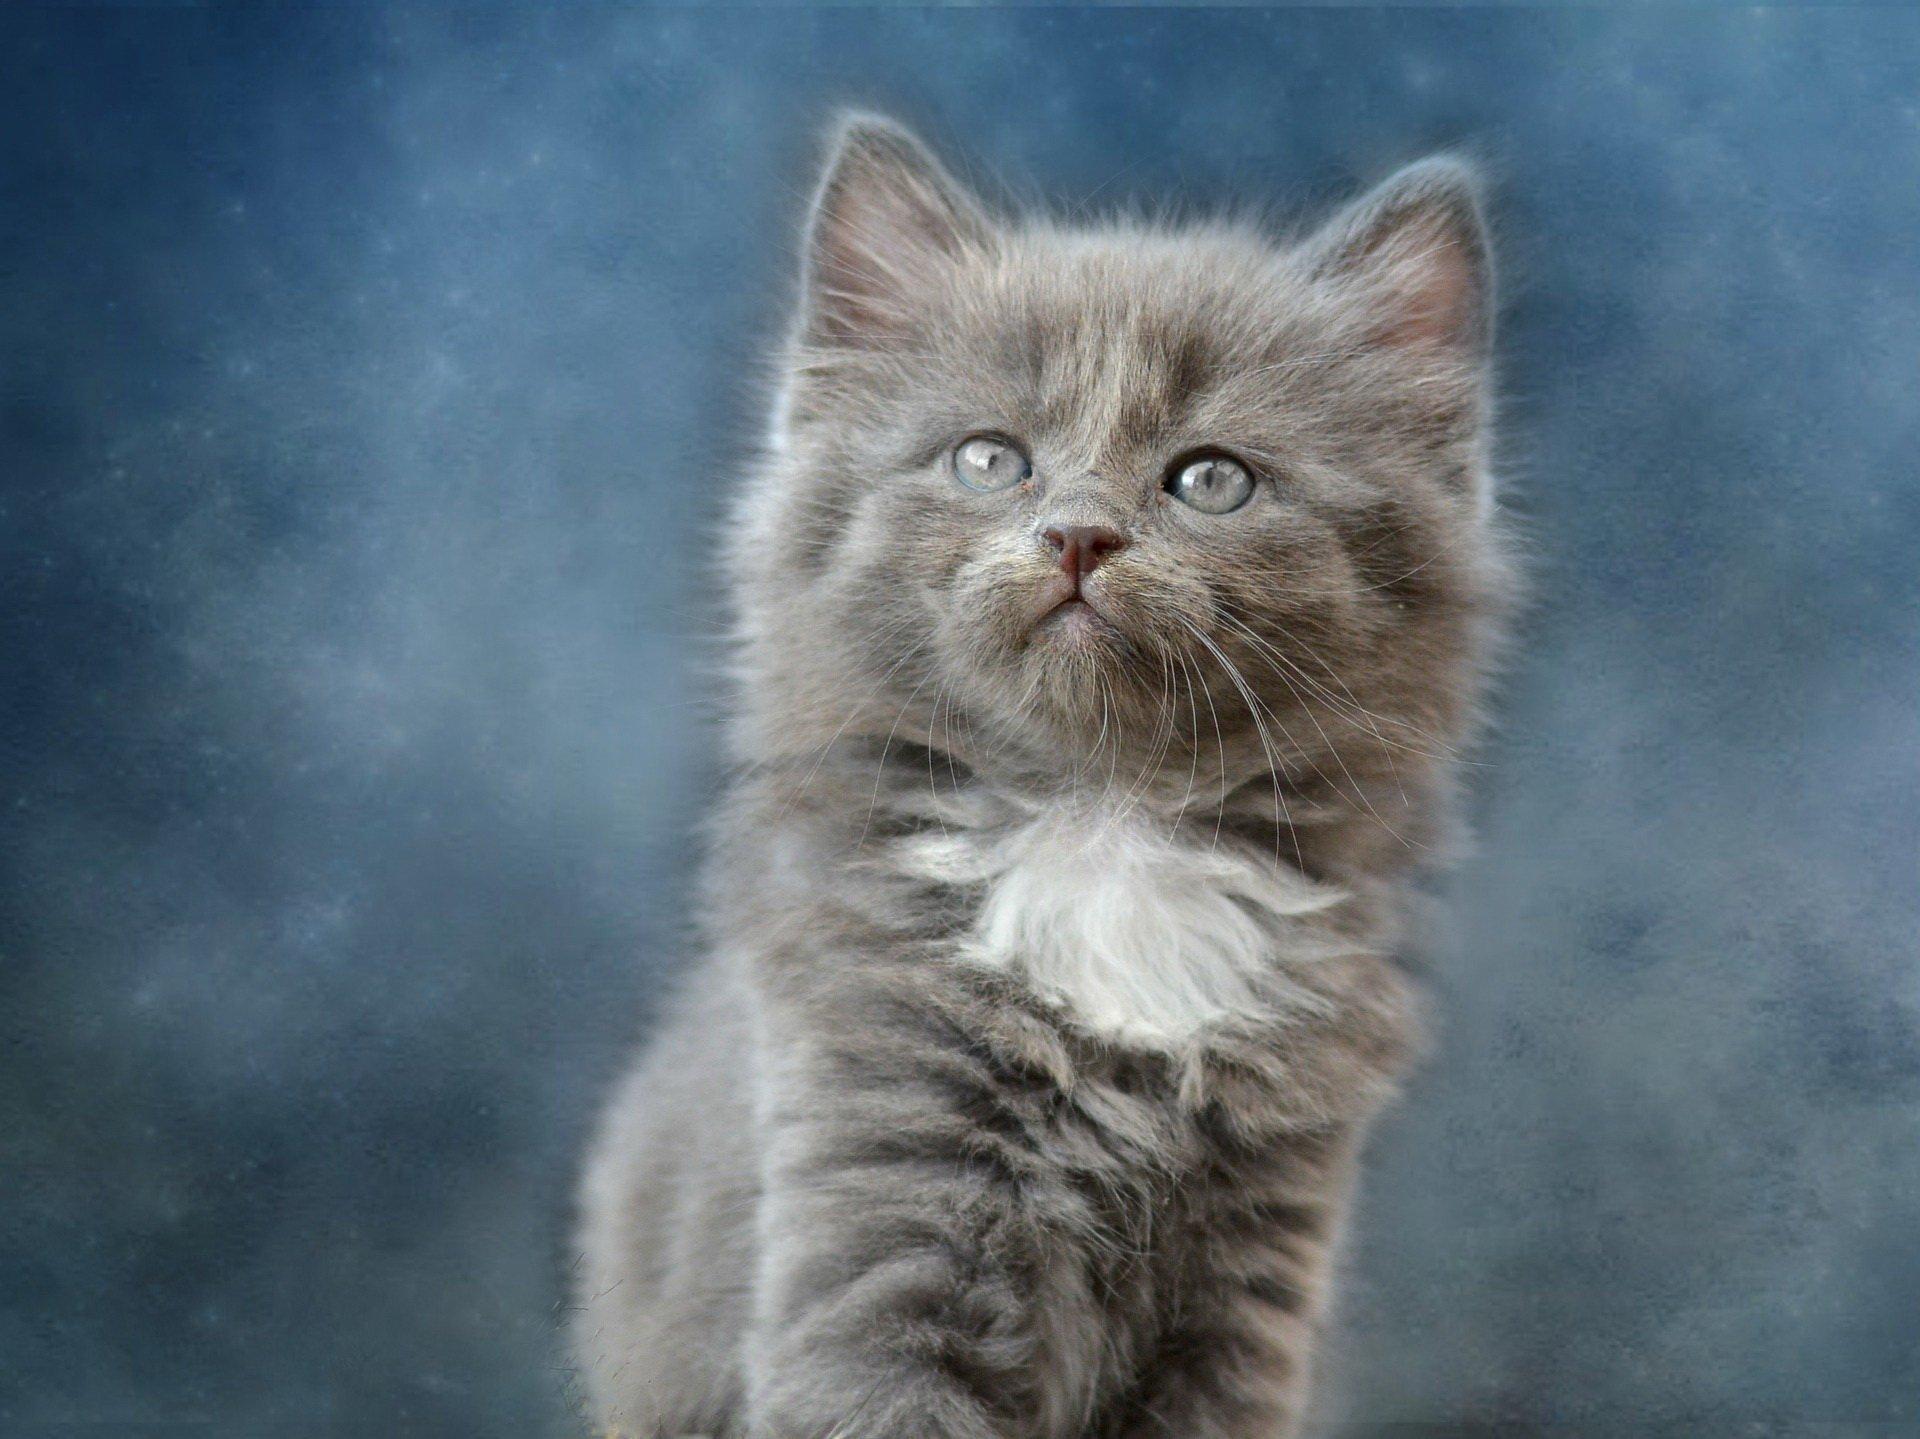 wiersz o kotku Wasylu, wiersze i piosenki dla dzieci o zwierzakach